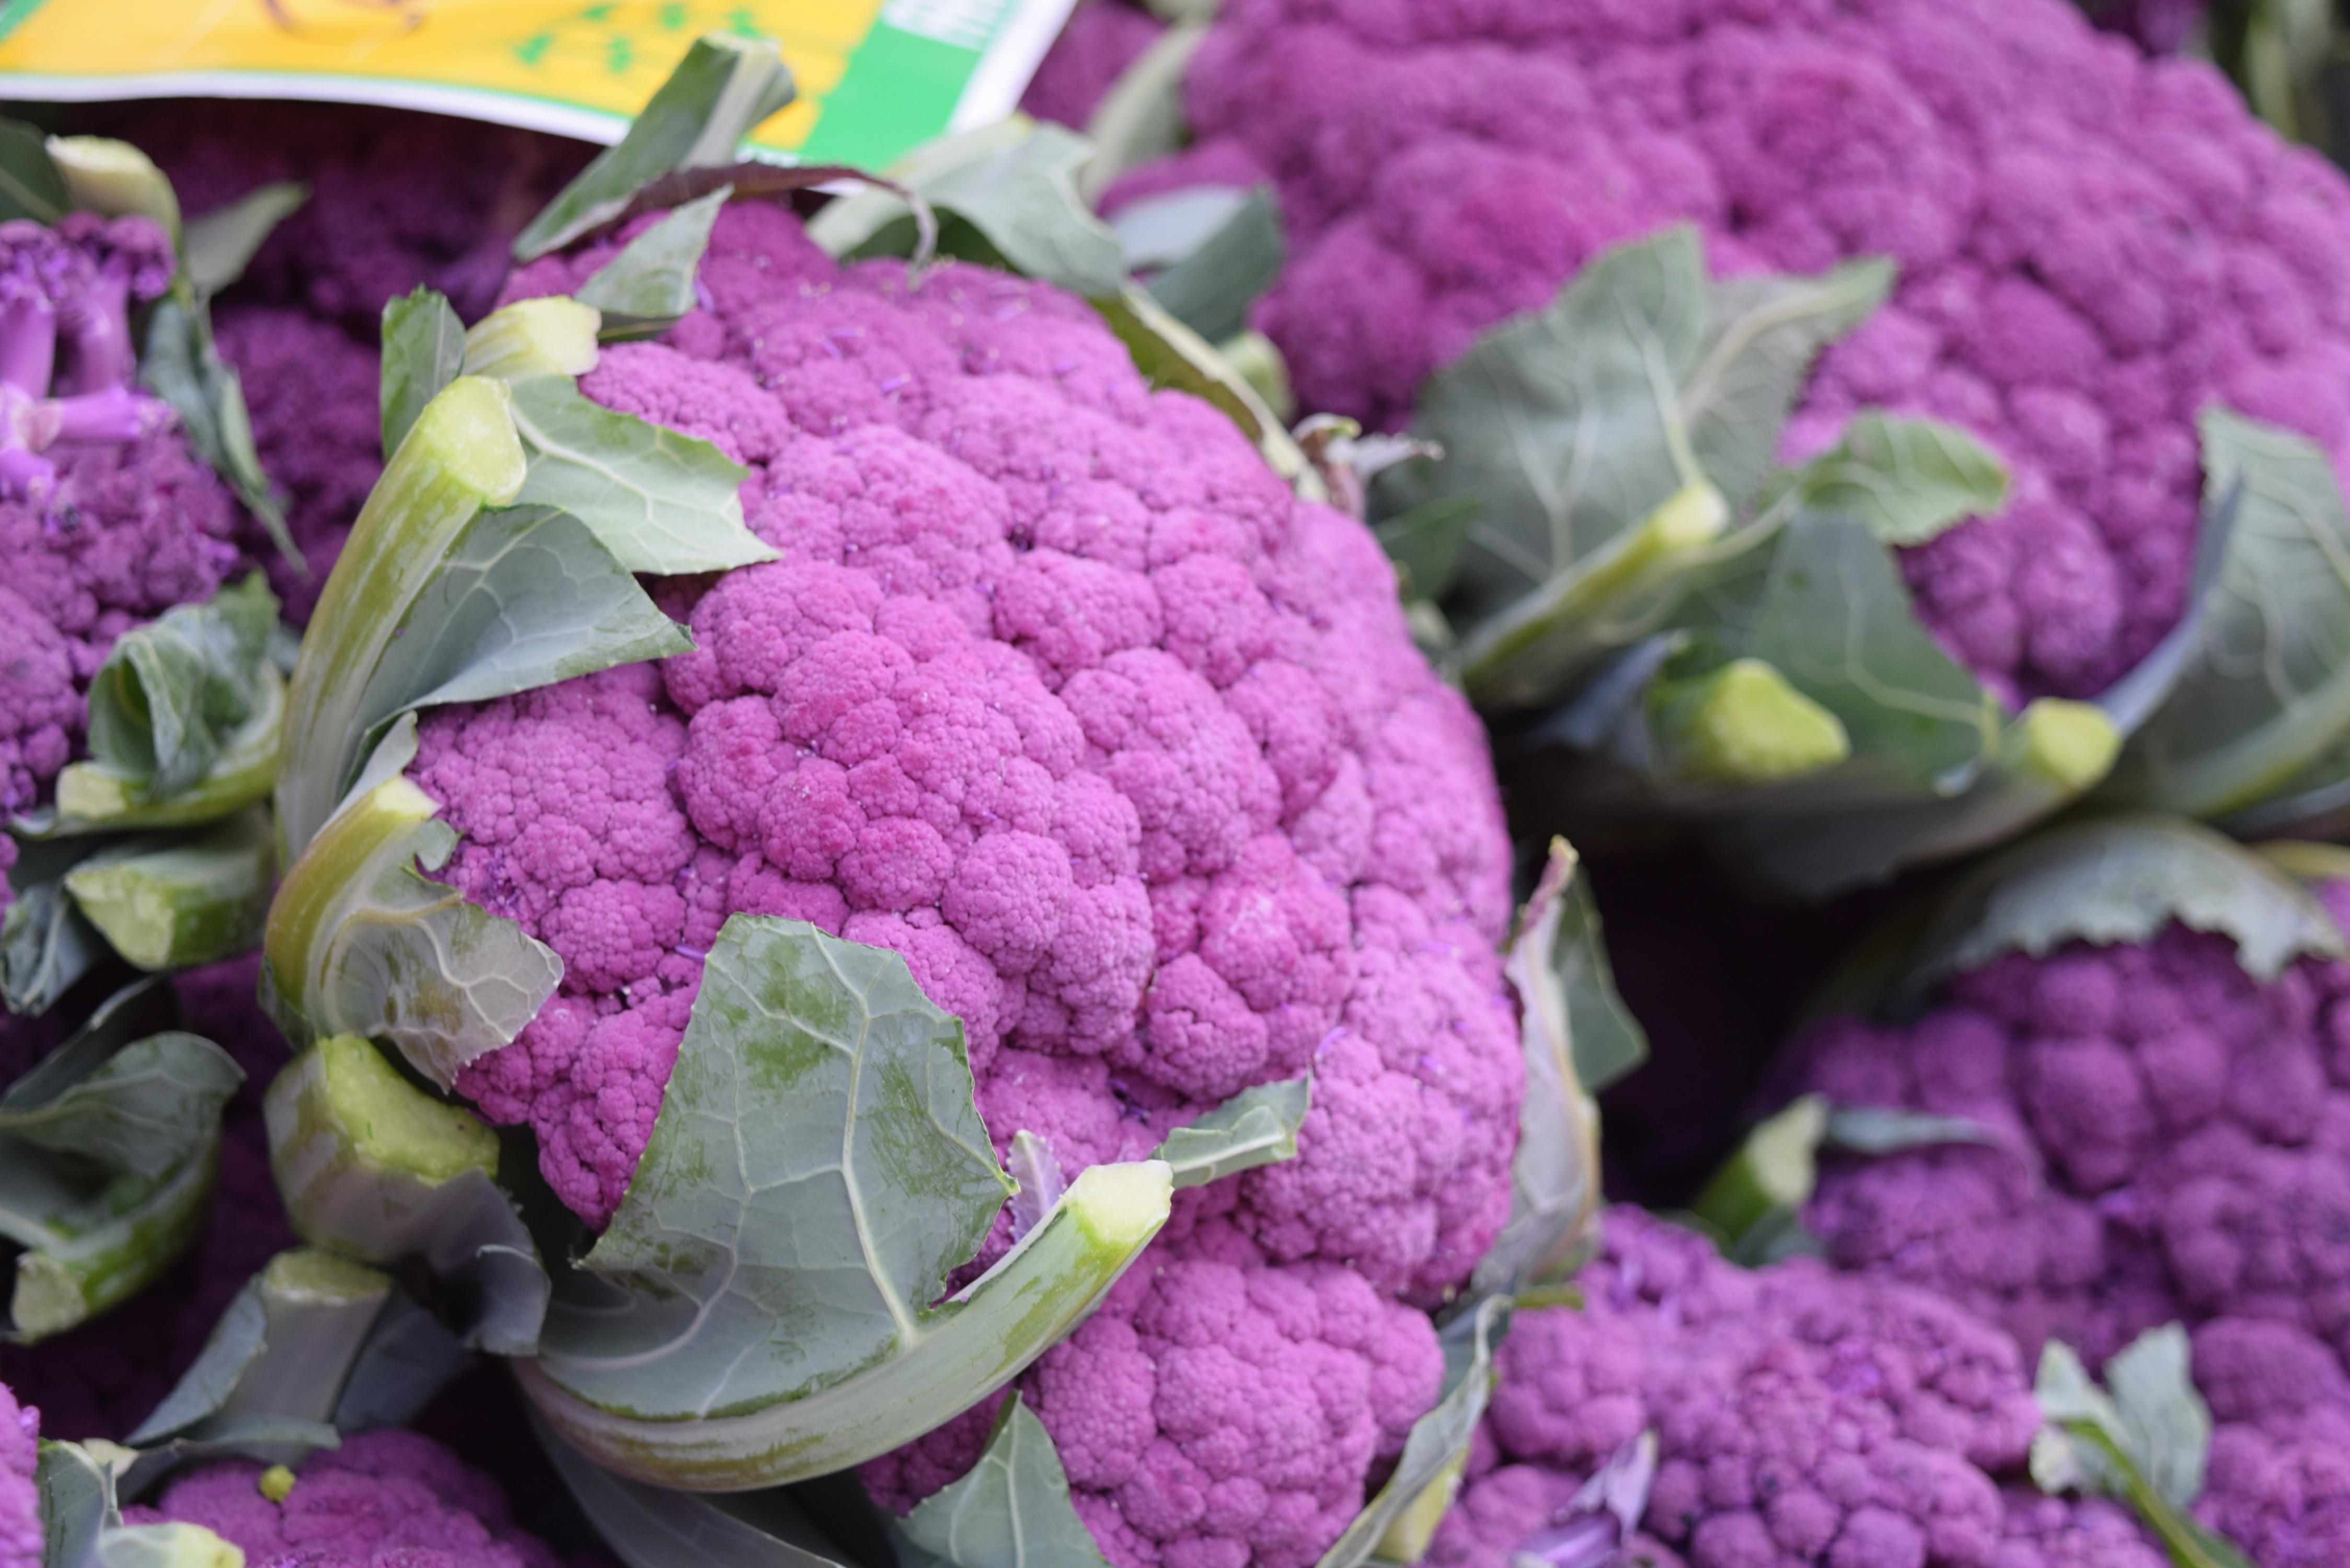 народ цвет лиловый картинки фрукты специи, свежие фрукты